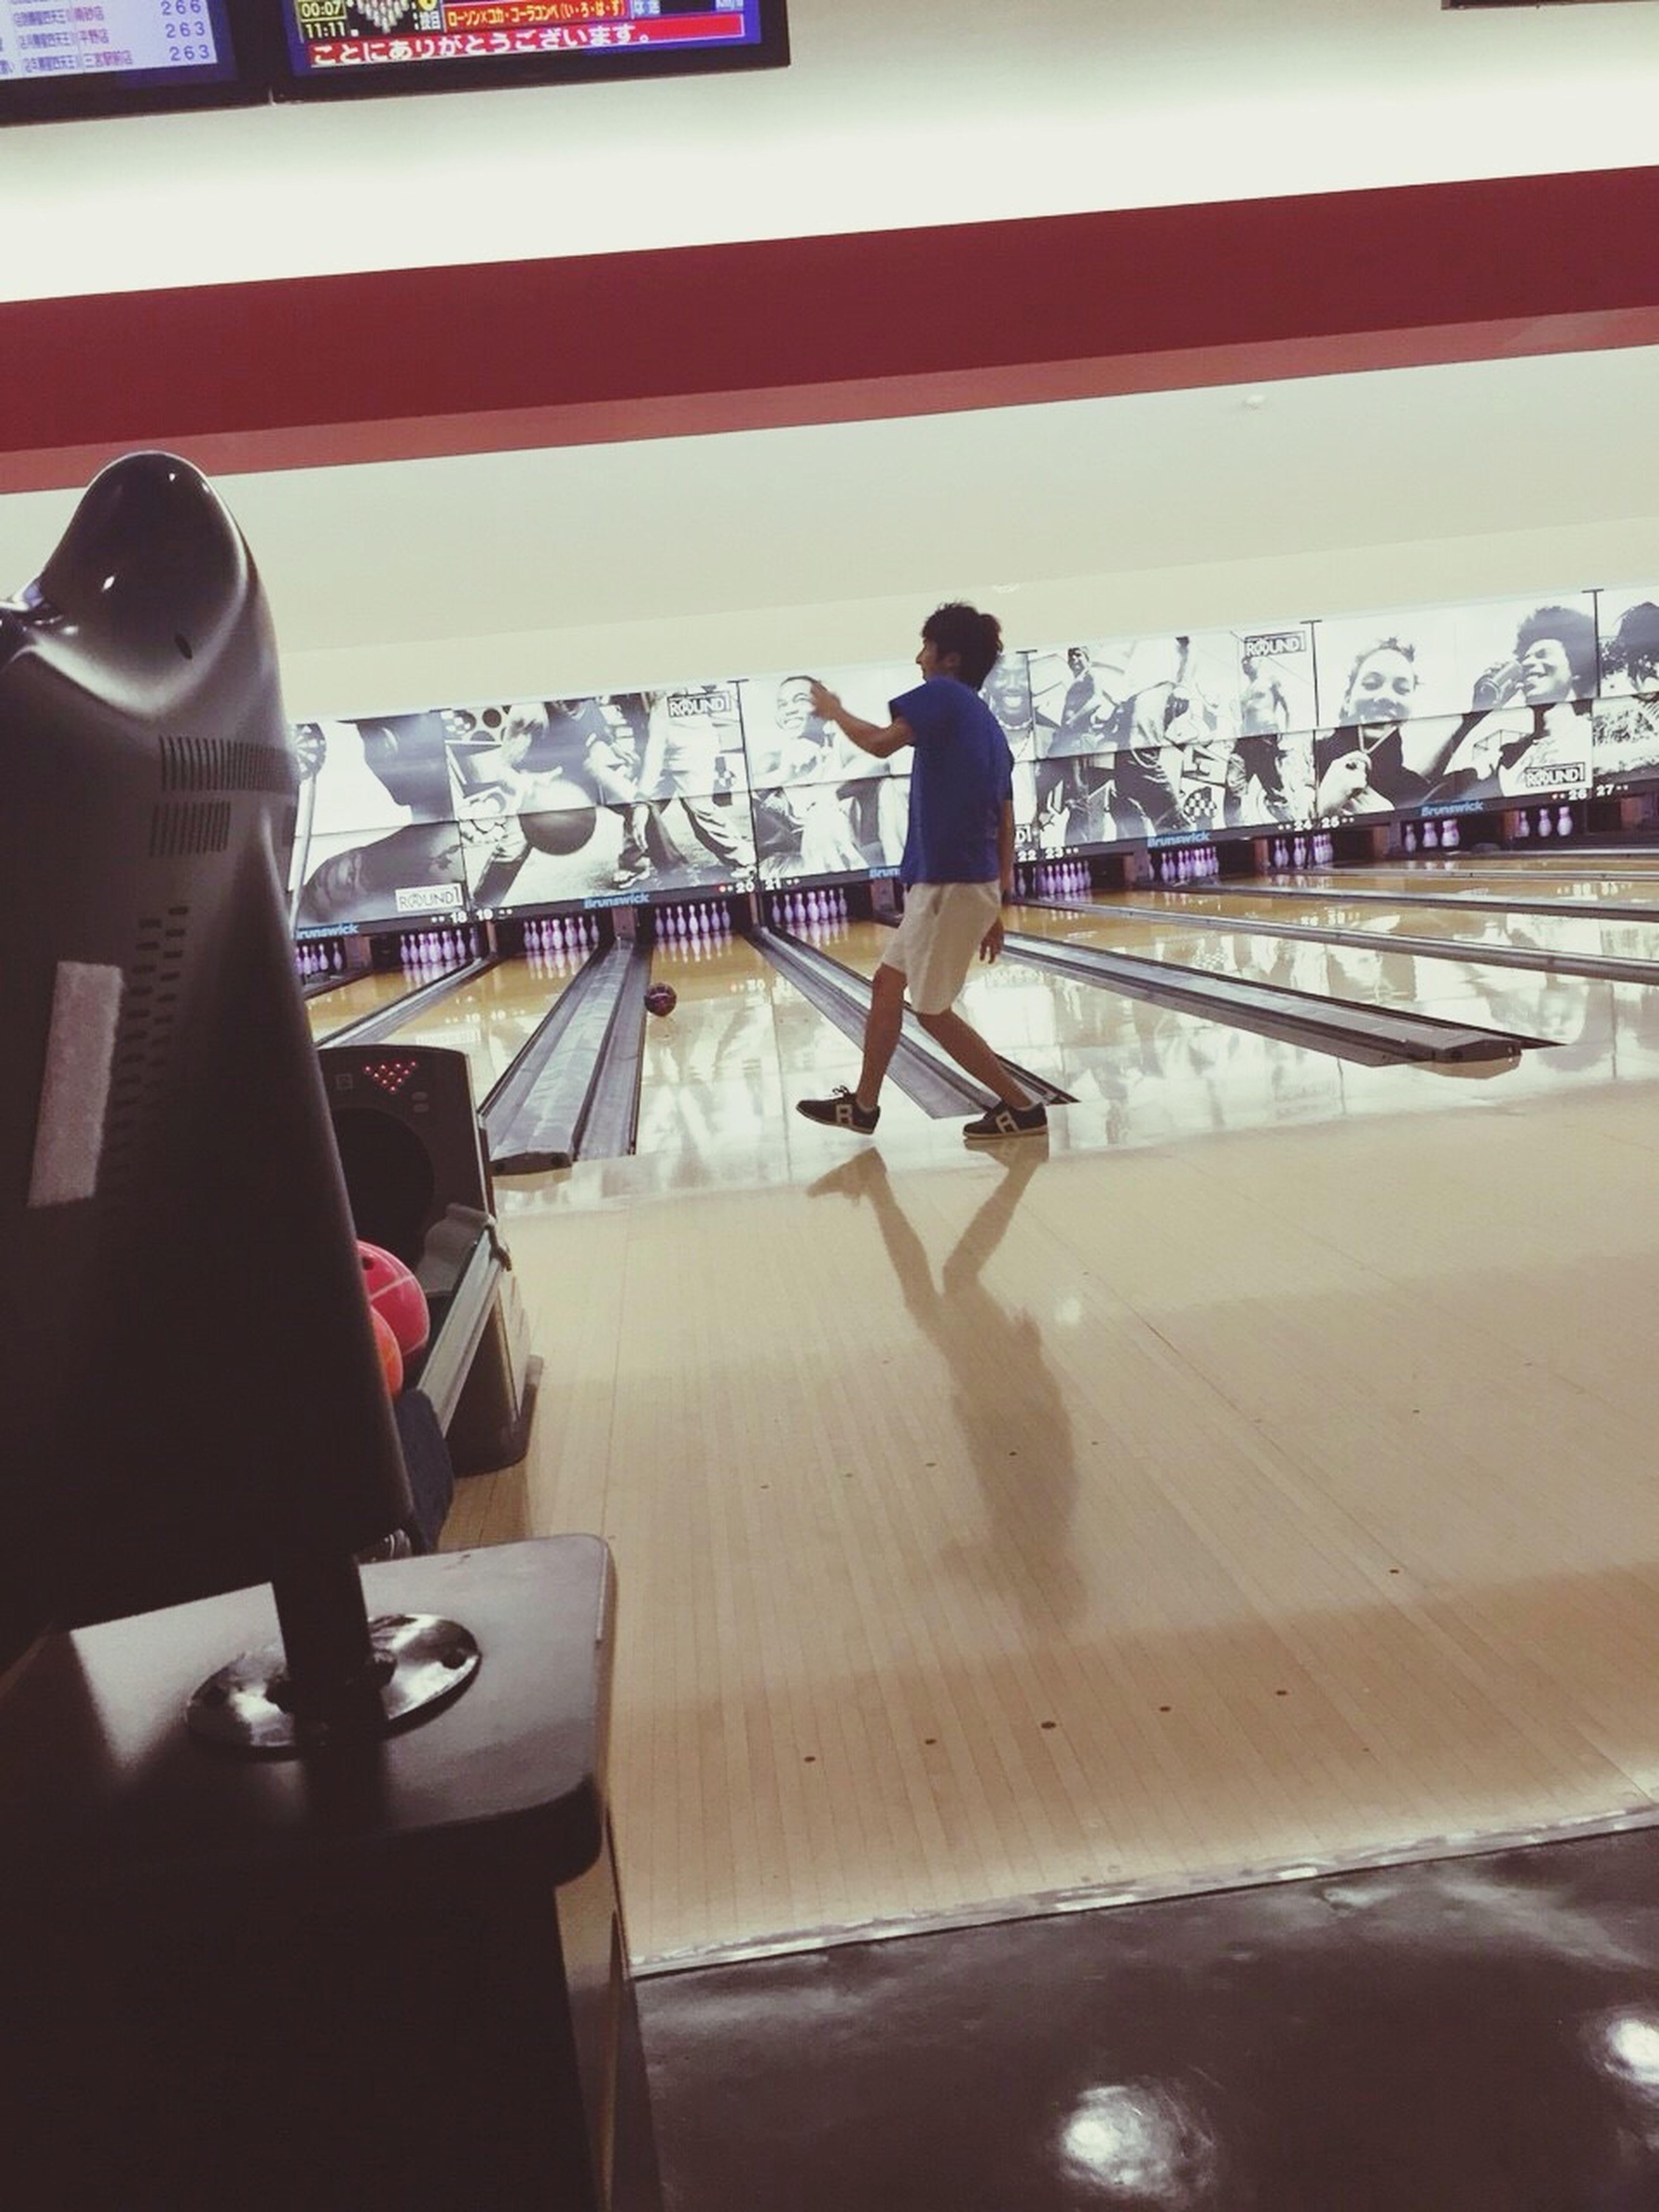 失投 変なフォーム ボウリング Bowling